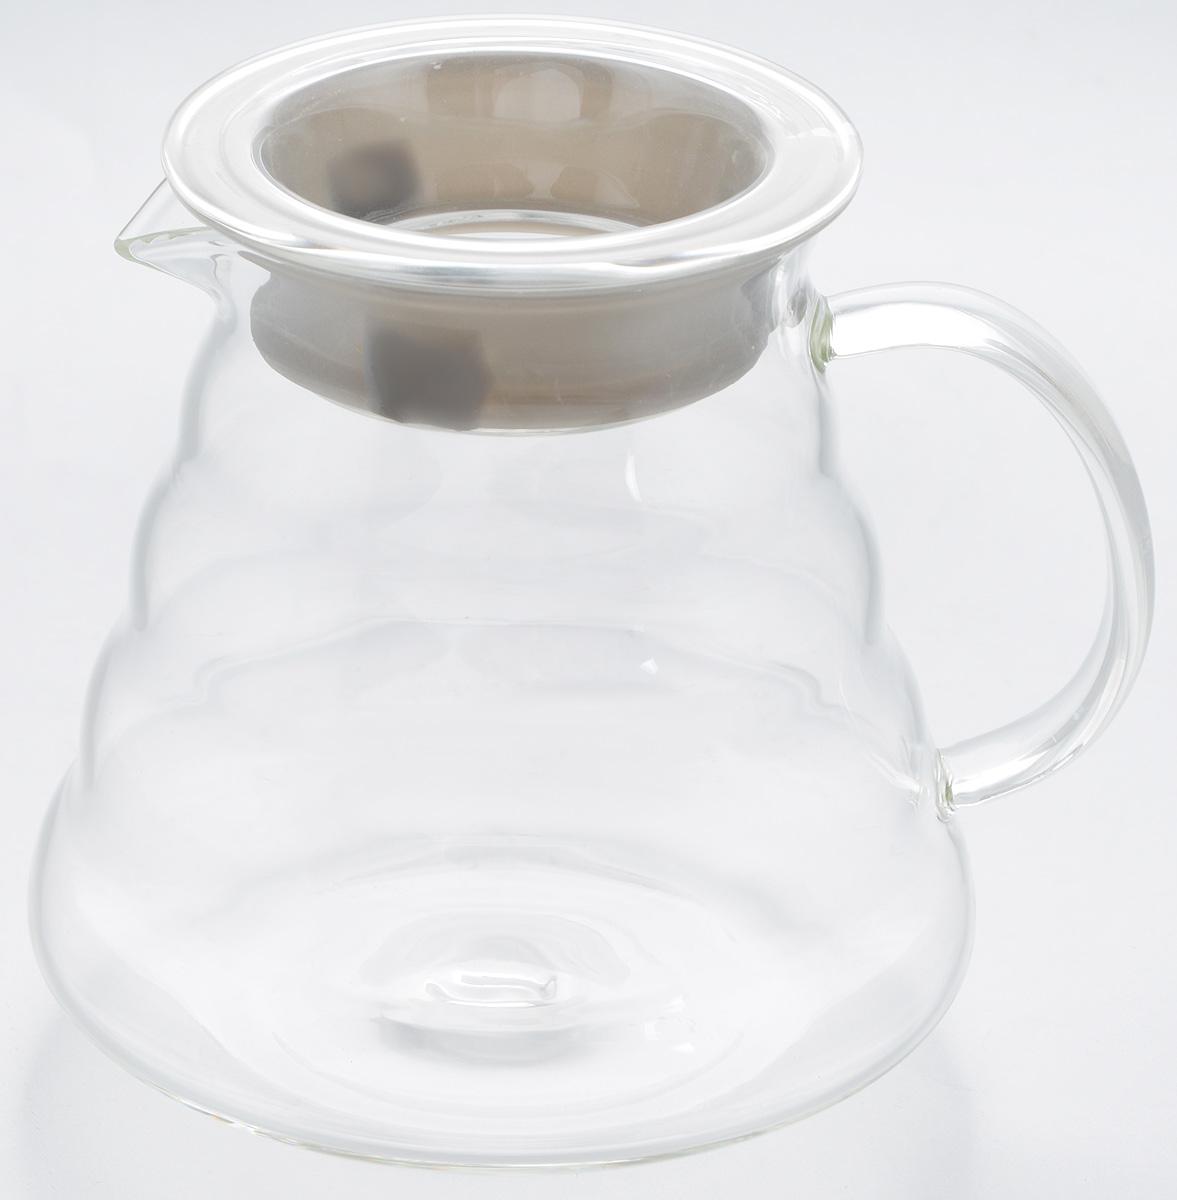 Чайник заварочный Hunan Provincial Тама, 500 млVT-1520(SR)Заварочный чайник Hunan Provincial Тама изготовлен из стекла. Пить чай из такого чайника сплошное удовольствие! Полностью прозрачная форма позволяет любоваться цветом своего любимого напитка. В этом чайнике не предусмотрена колба для заваривания чая. Крышка надежно крепится с помощью силиконовой вставки, и не может выпасть даже если чайник перевернуть кверху дном. Именно поэтому данный чайник является лучшей сервировочной посудой для связанного чая и фруктово-ягодных настоев.Диаметр чайника (по верхнему краю): 7,5 см. Высота чайника (без учета крышки): 11 см. Высота чайника (с учетом крышки): 11,5 см.